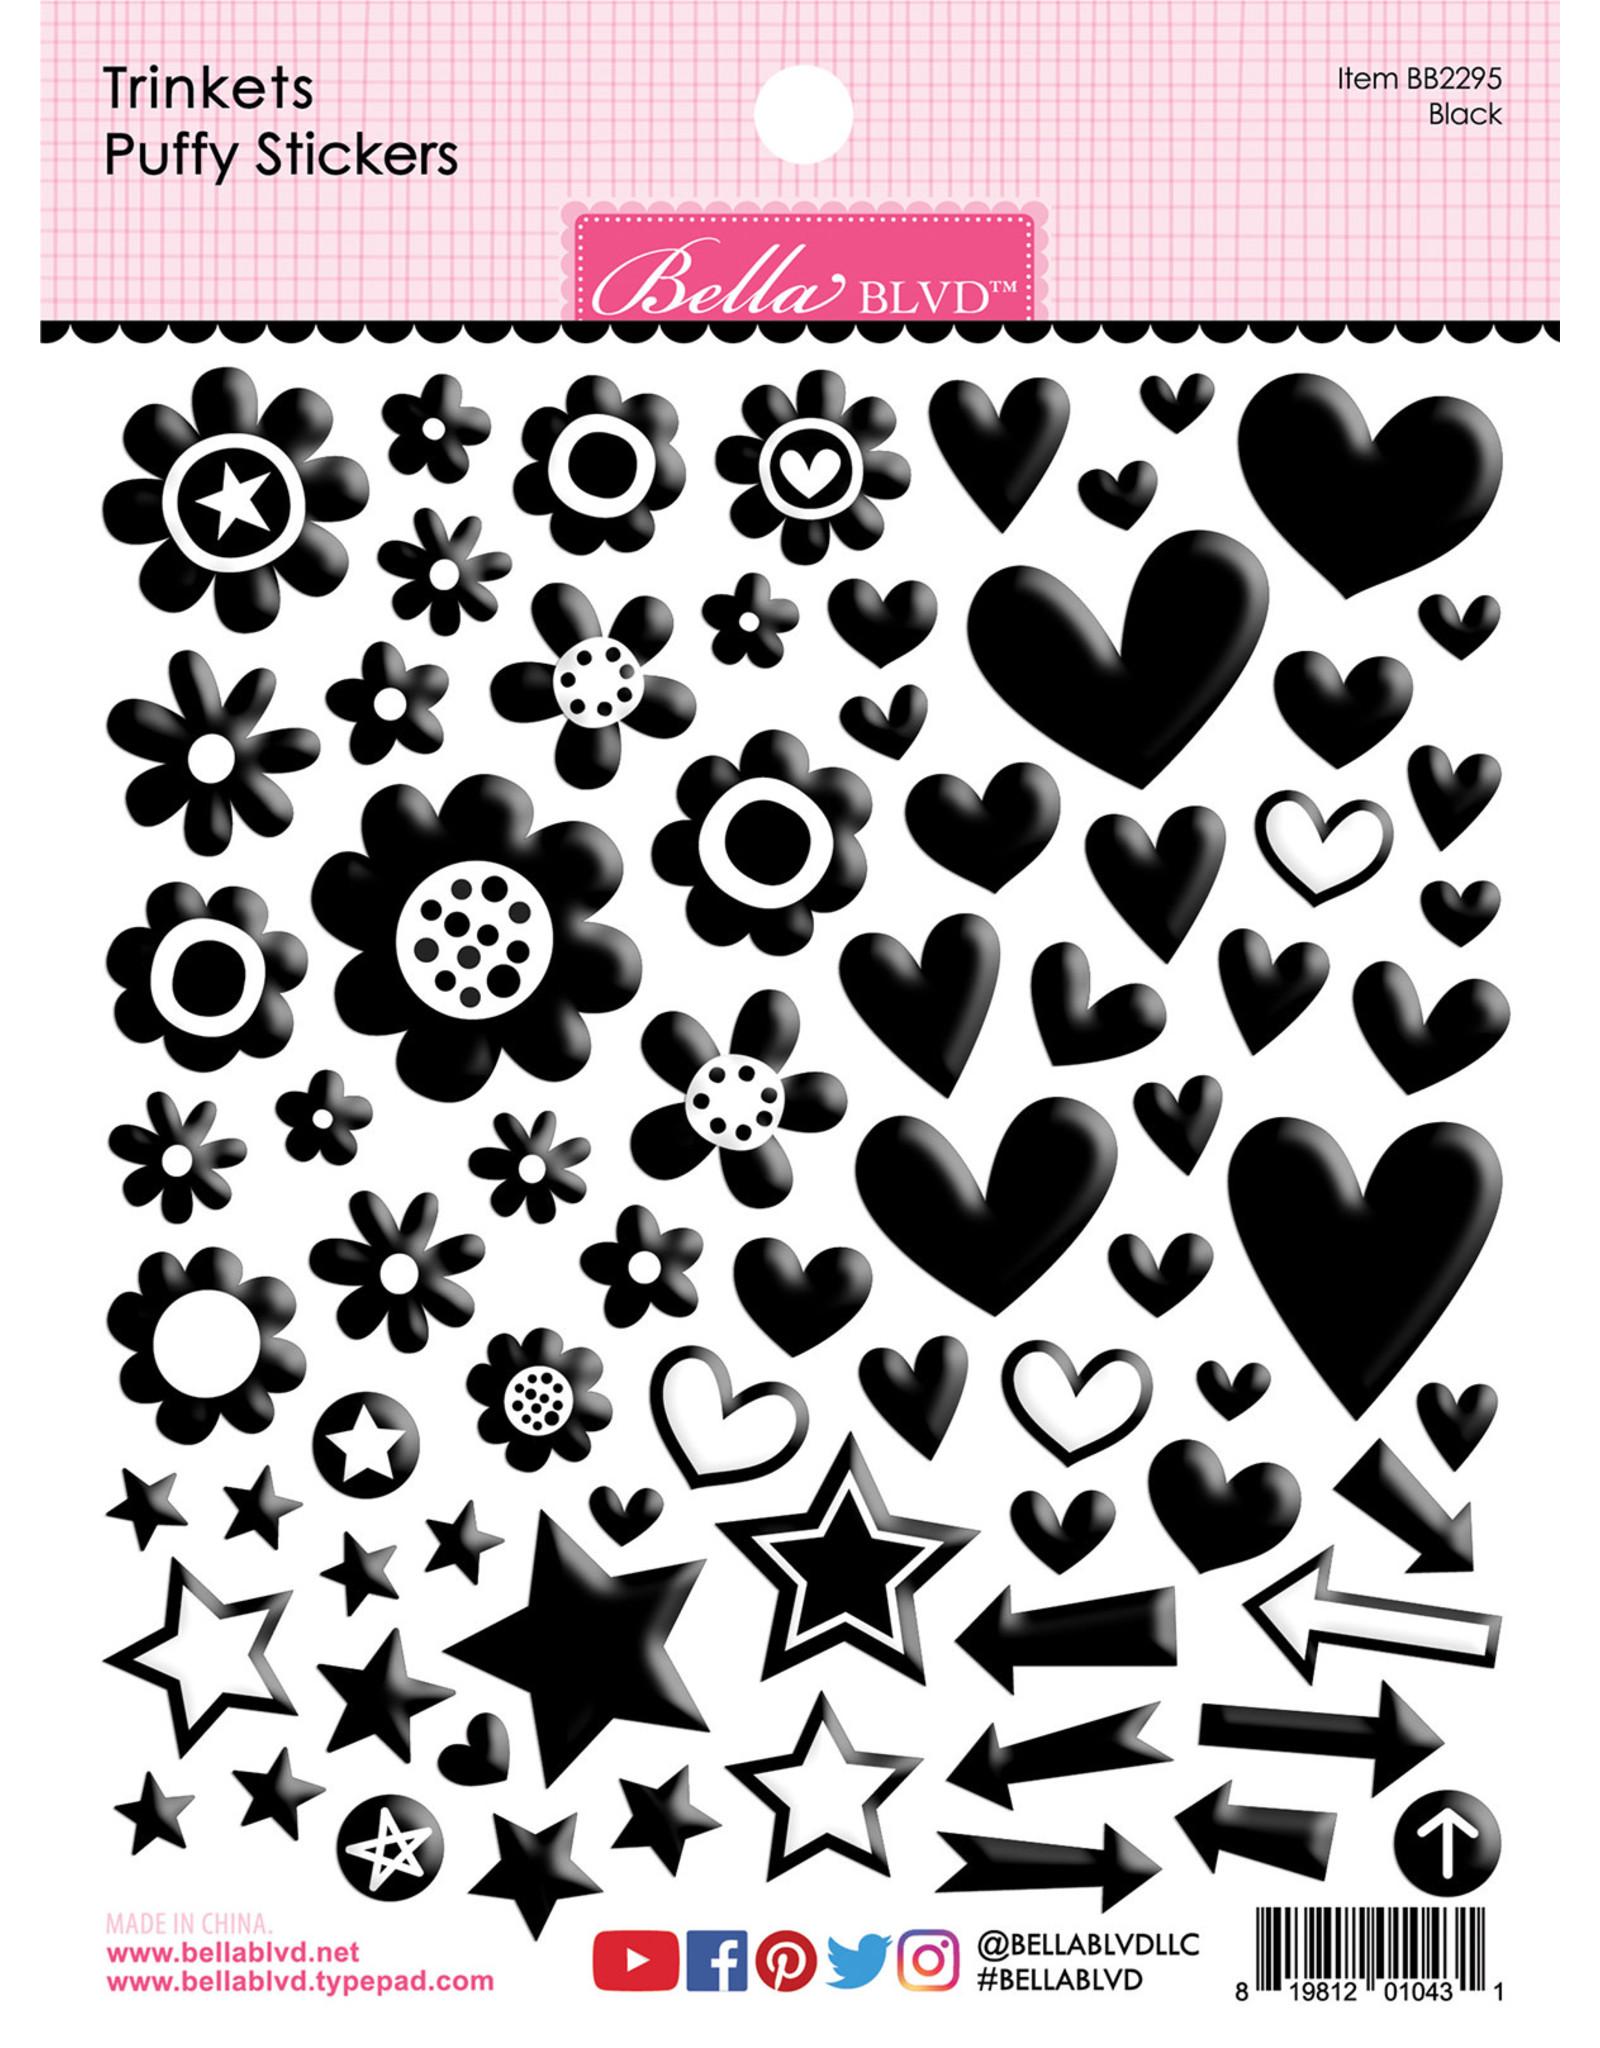 BELLA BLVD Black Trinkets Puffy Stickers